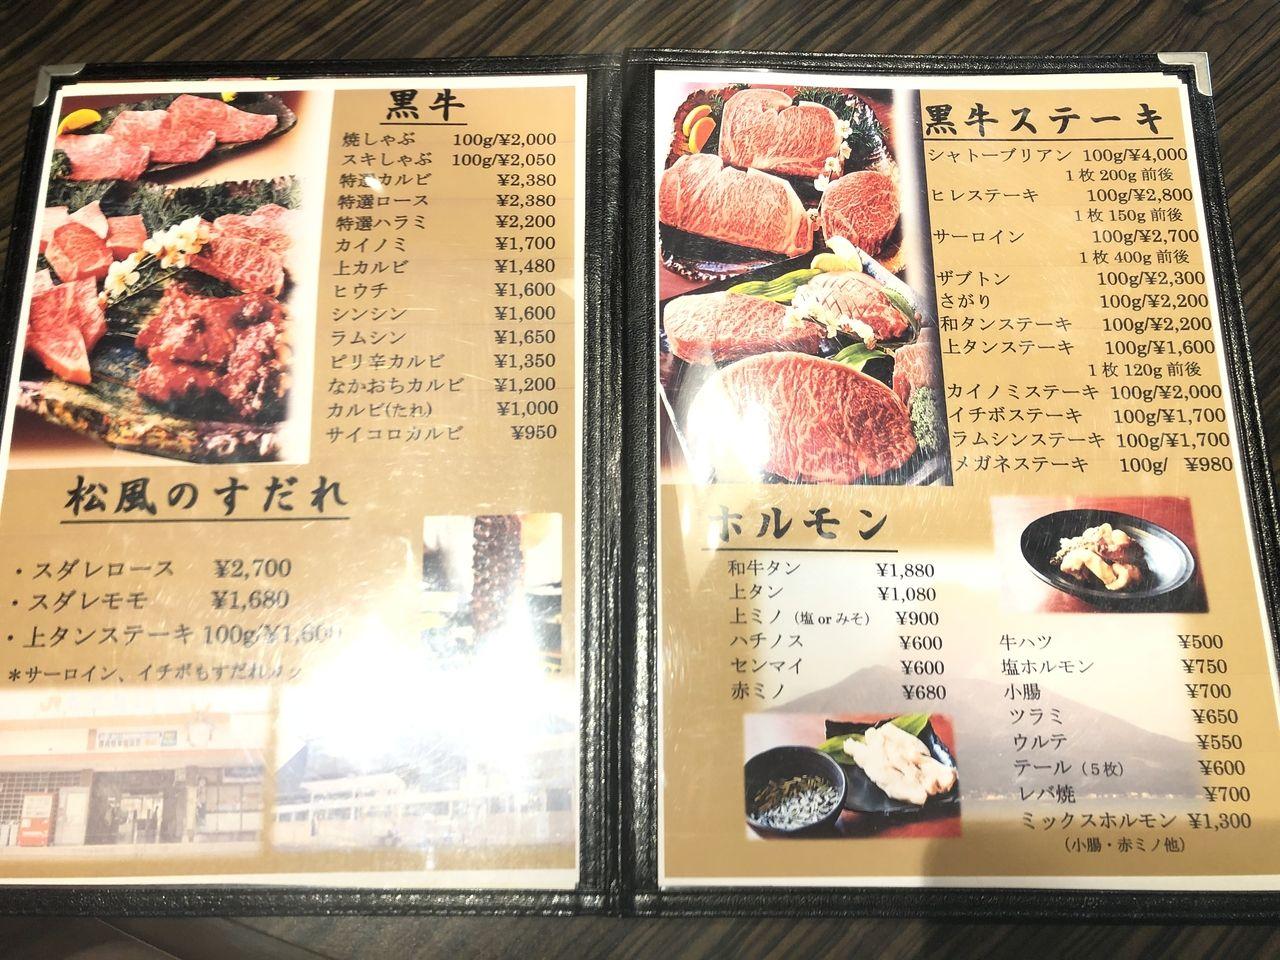 鹿児島県日置市伊集院町猪鹿倉の焼肉・たべもの処松風のメニューは種類が多くて迷います。